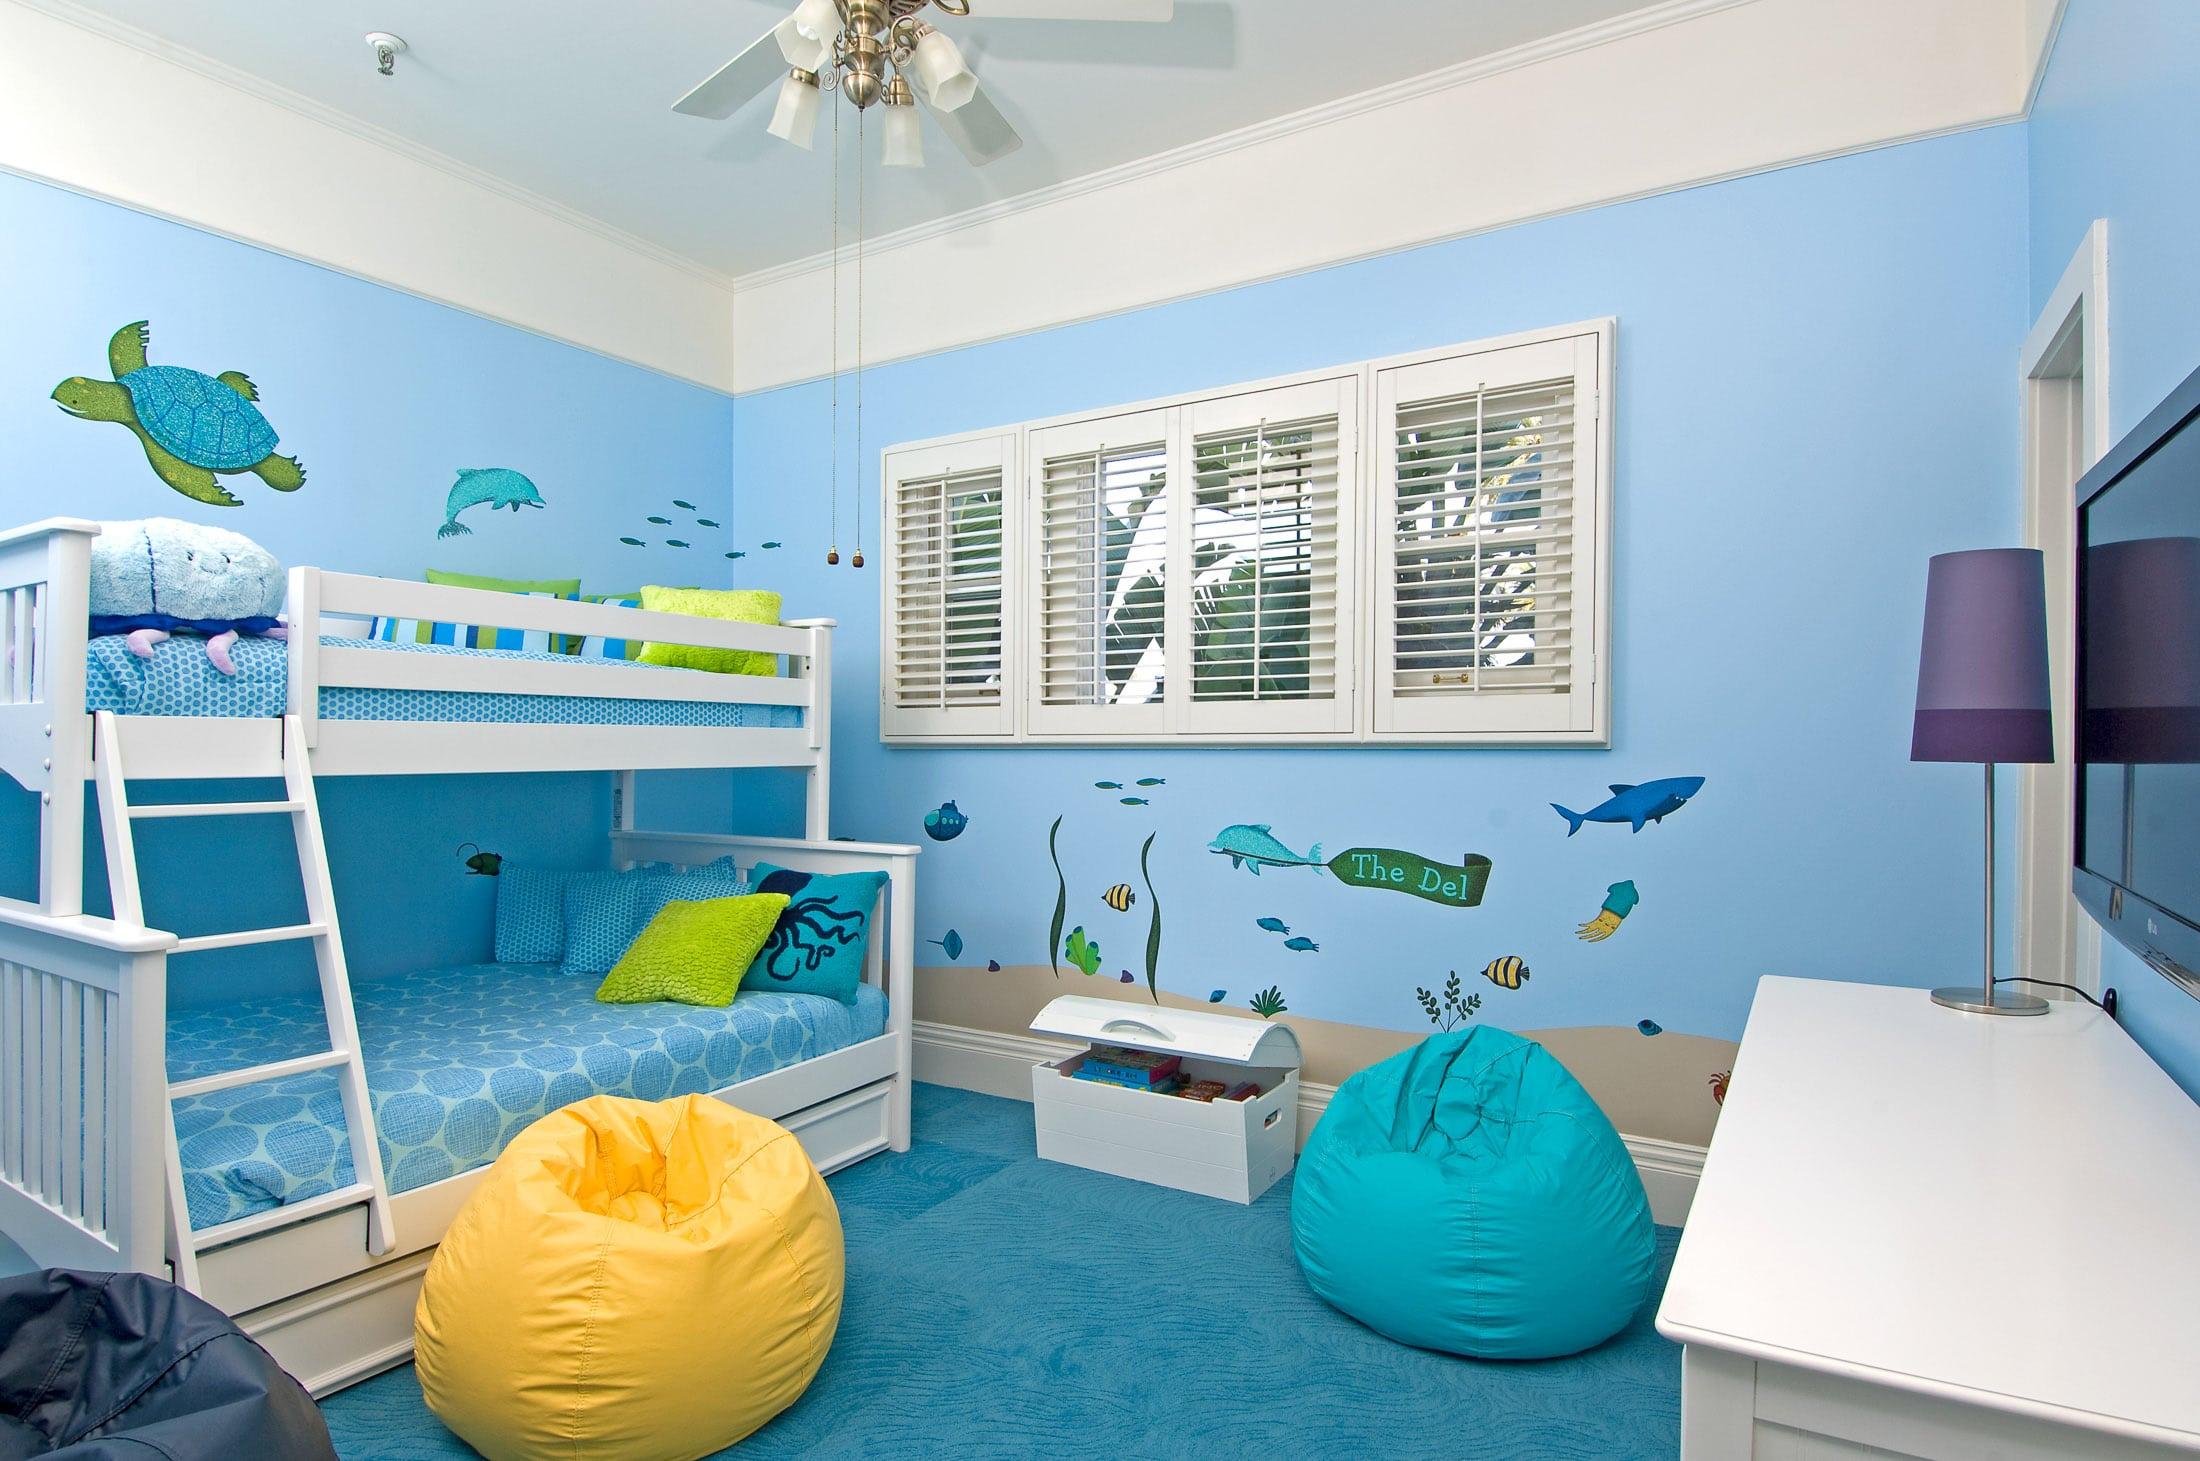 The Two-Bedroom Blue Octopus Suite at Hotel Del Coronado